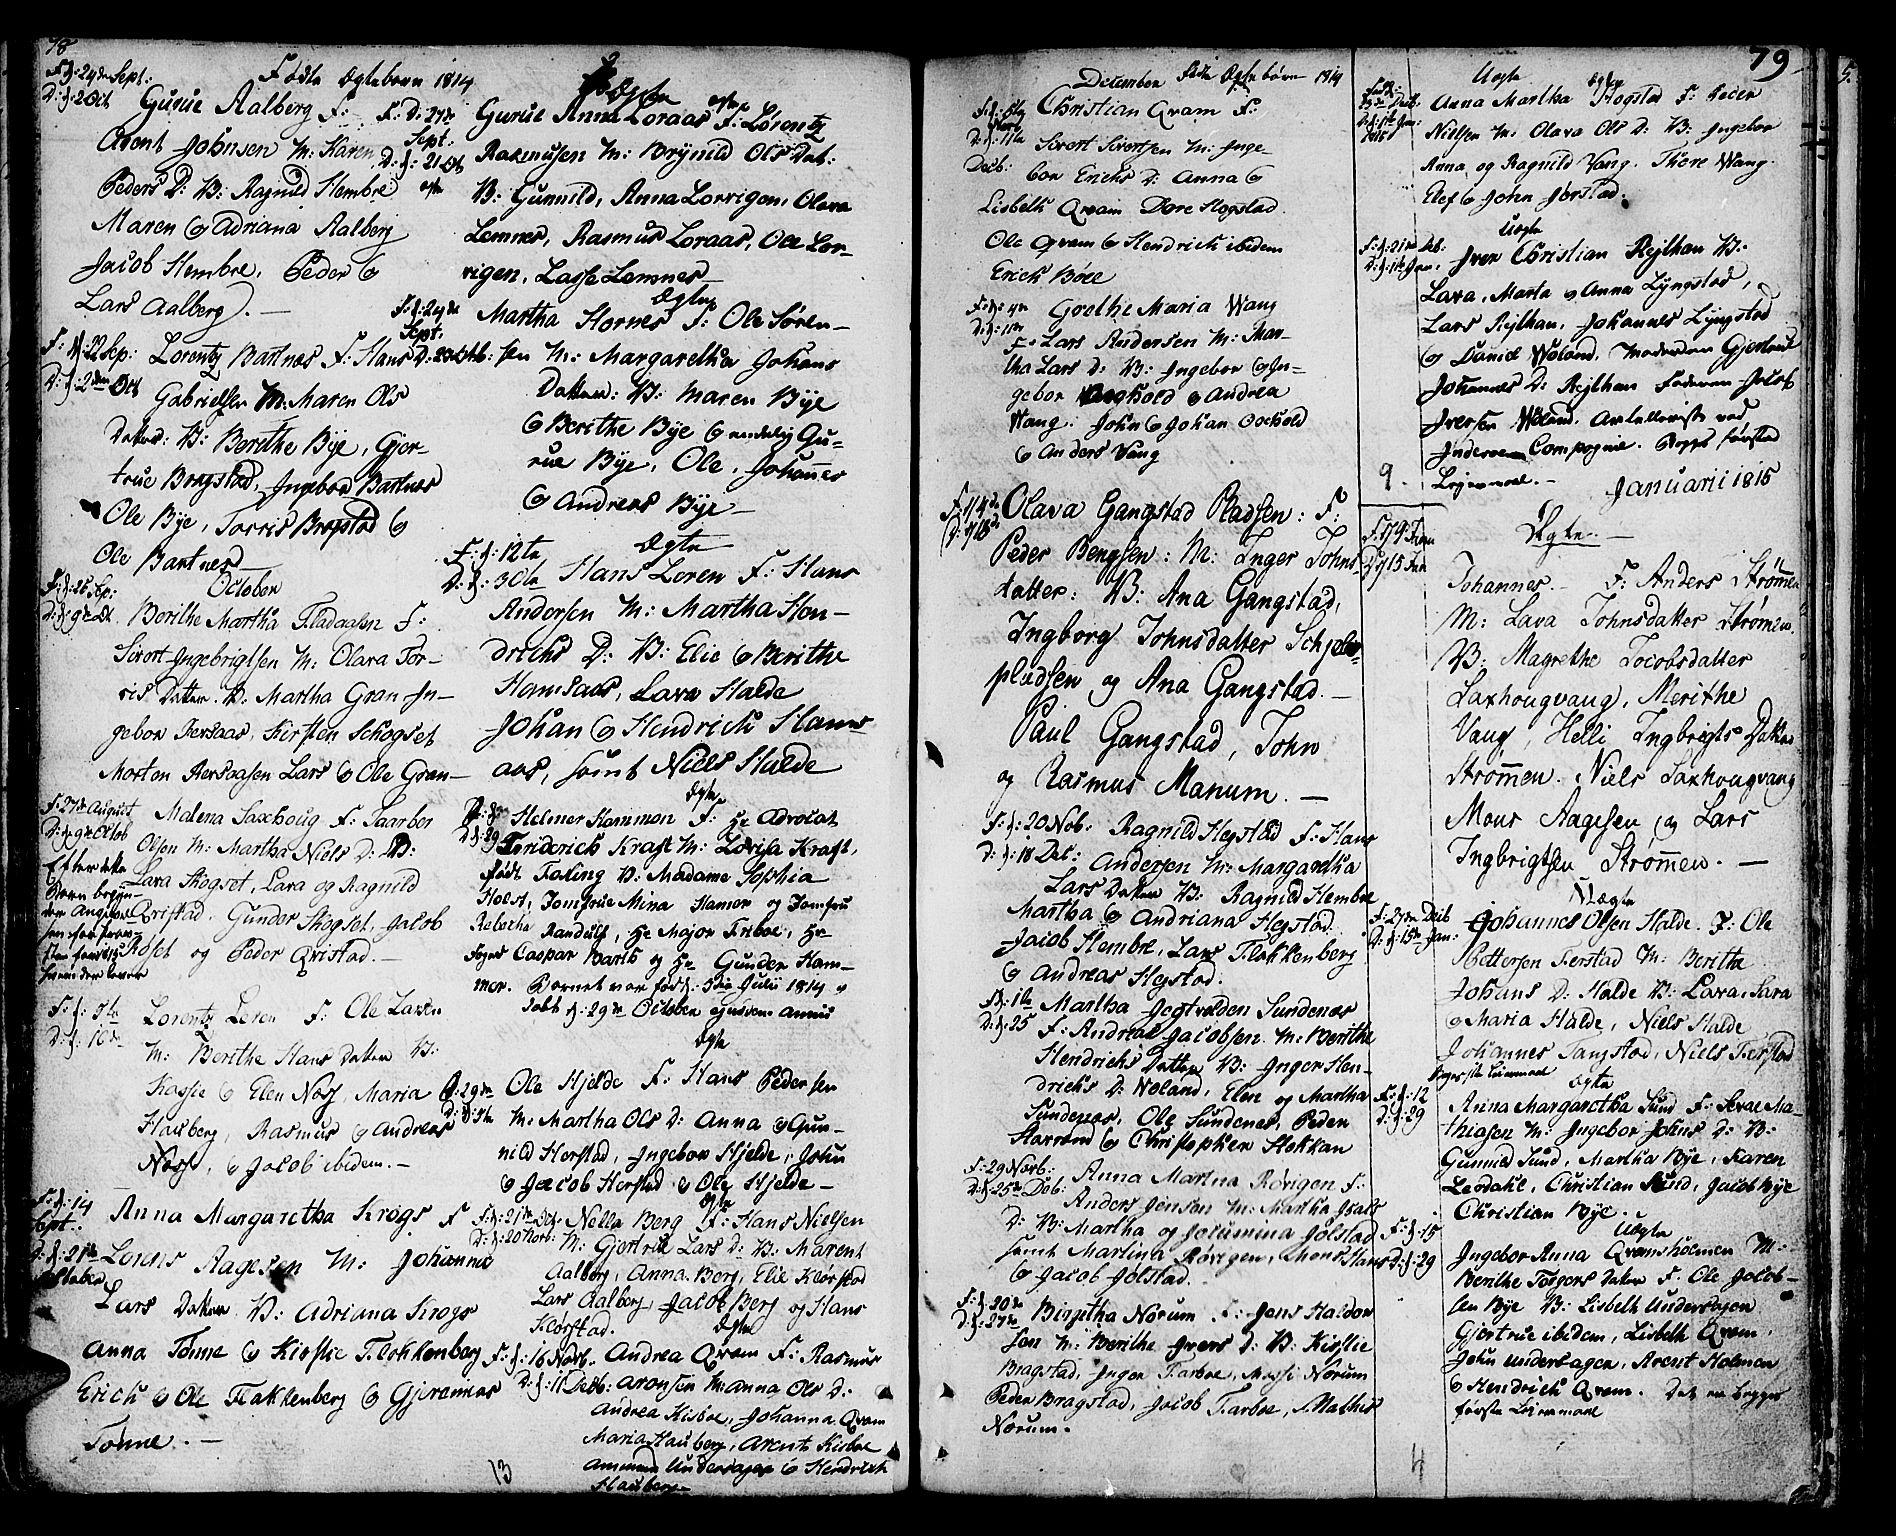 SAT, Ministerialprotokoller, klokkerbøker og fødselsregistre - Nord-Trøndelag, 730/L0274: Ministerialbok nr. 730A03, 1802-1816, s. 78-79